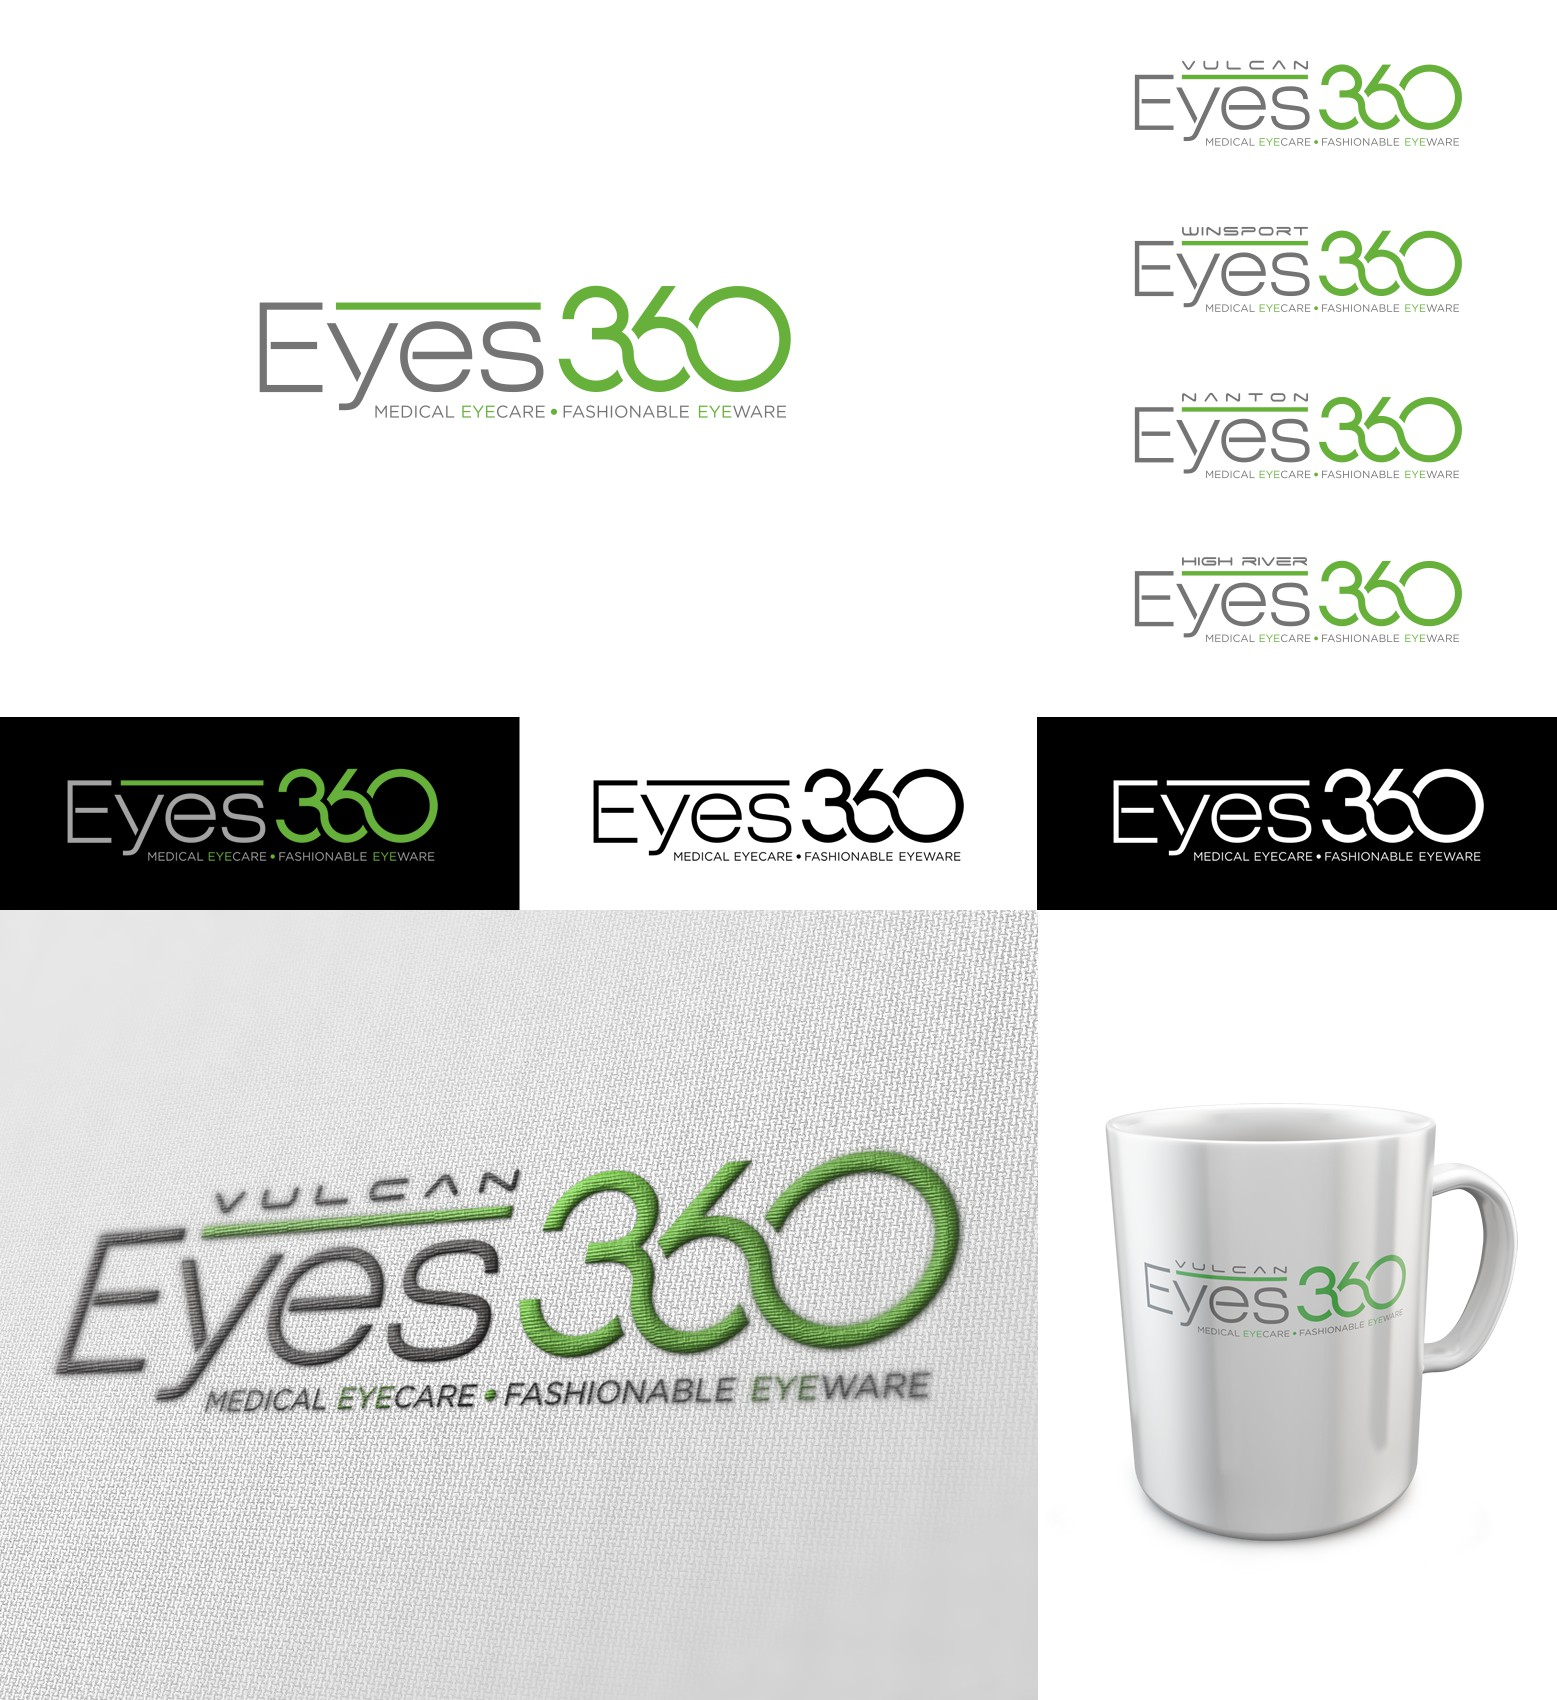 Eyes 360 needs a new logo